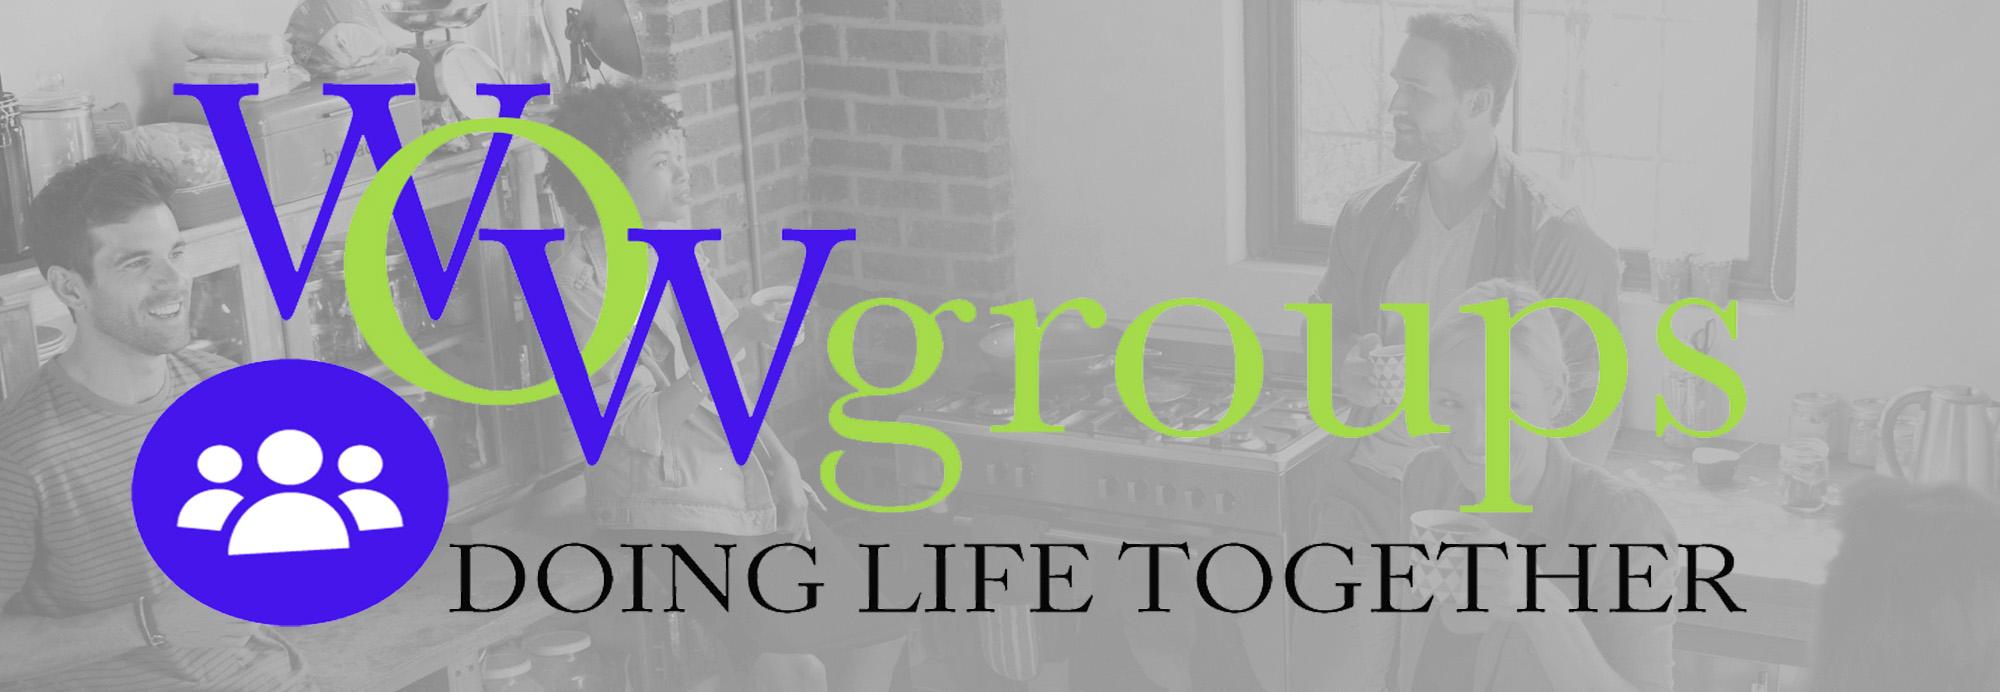 White Oak Worship Center WOW Groups